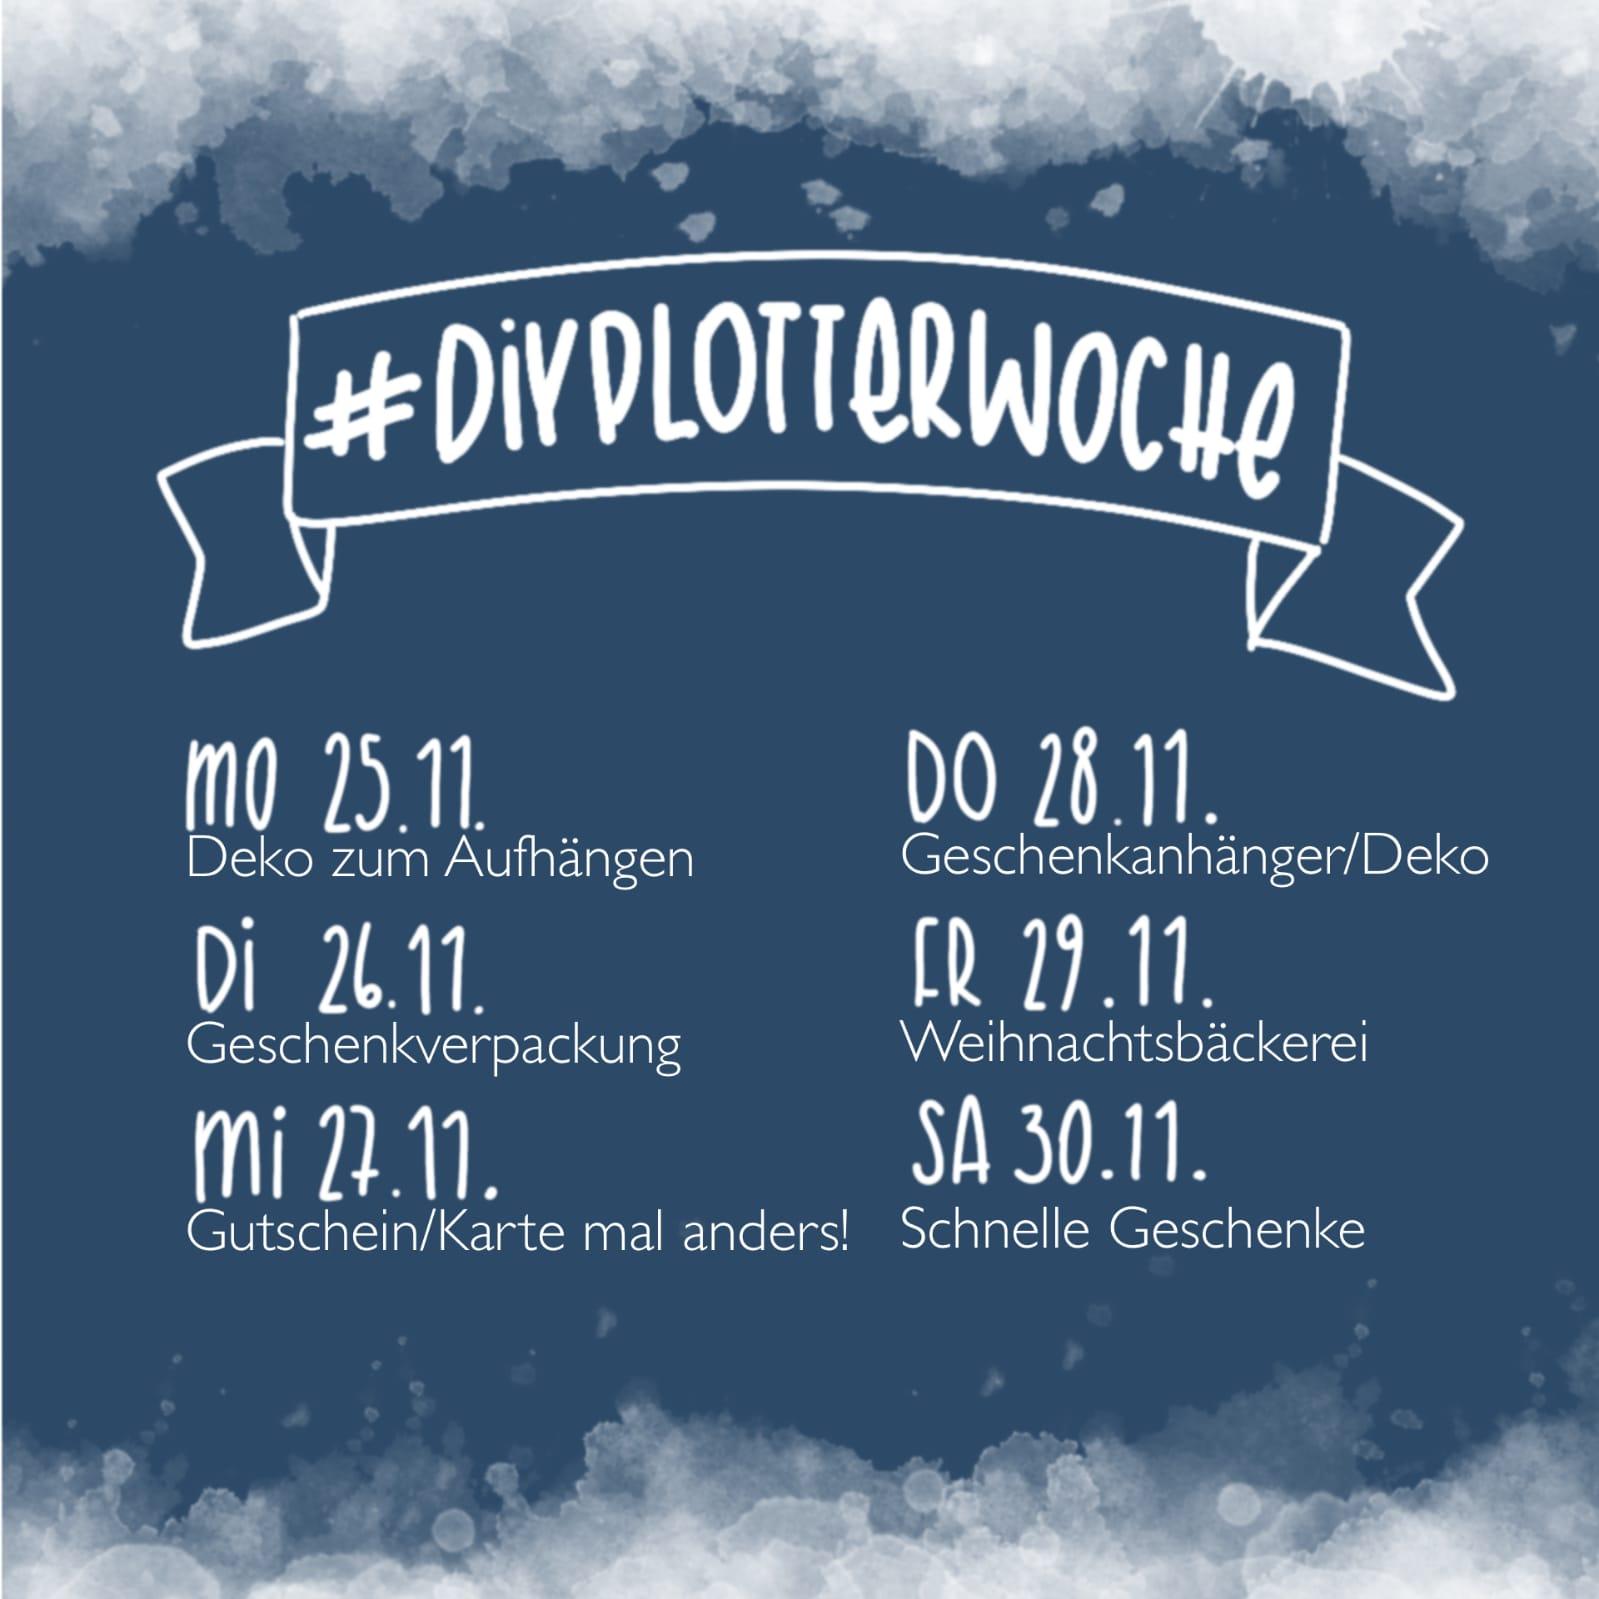 Instagram Challenge #diyplotterwoche